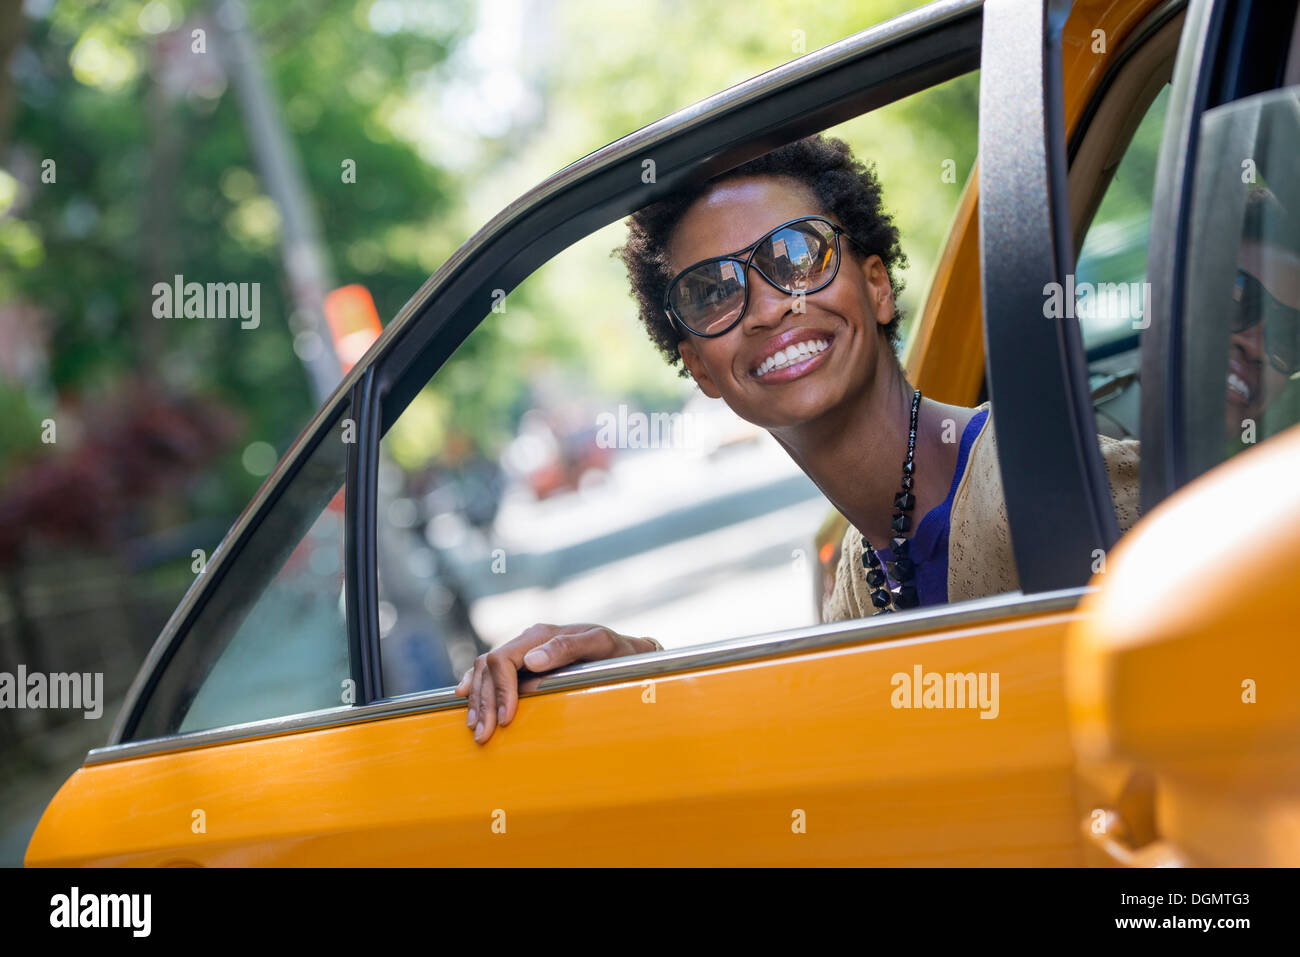 Una mujer saliendo de la parte trasera del asiento del pasajero de un taxi amarillo. Imagen De Stock